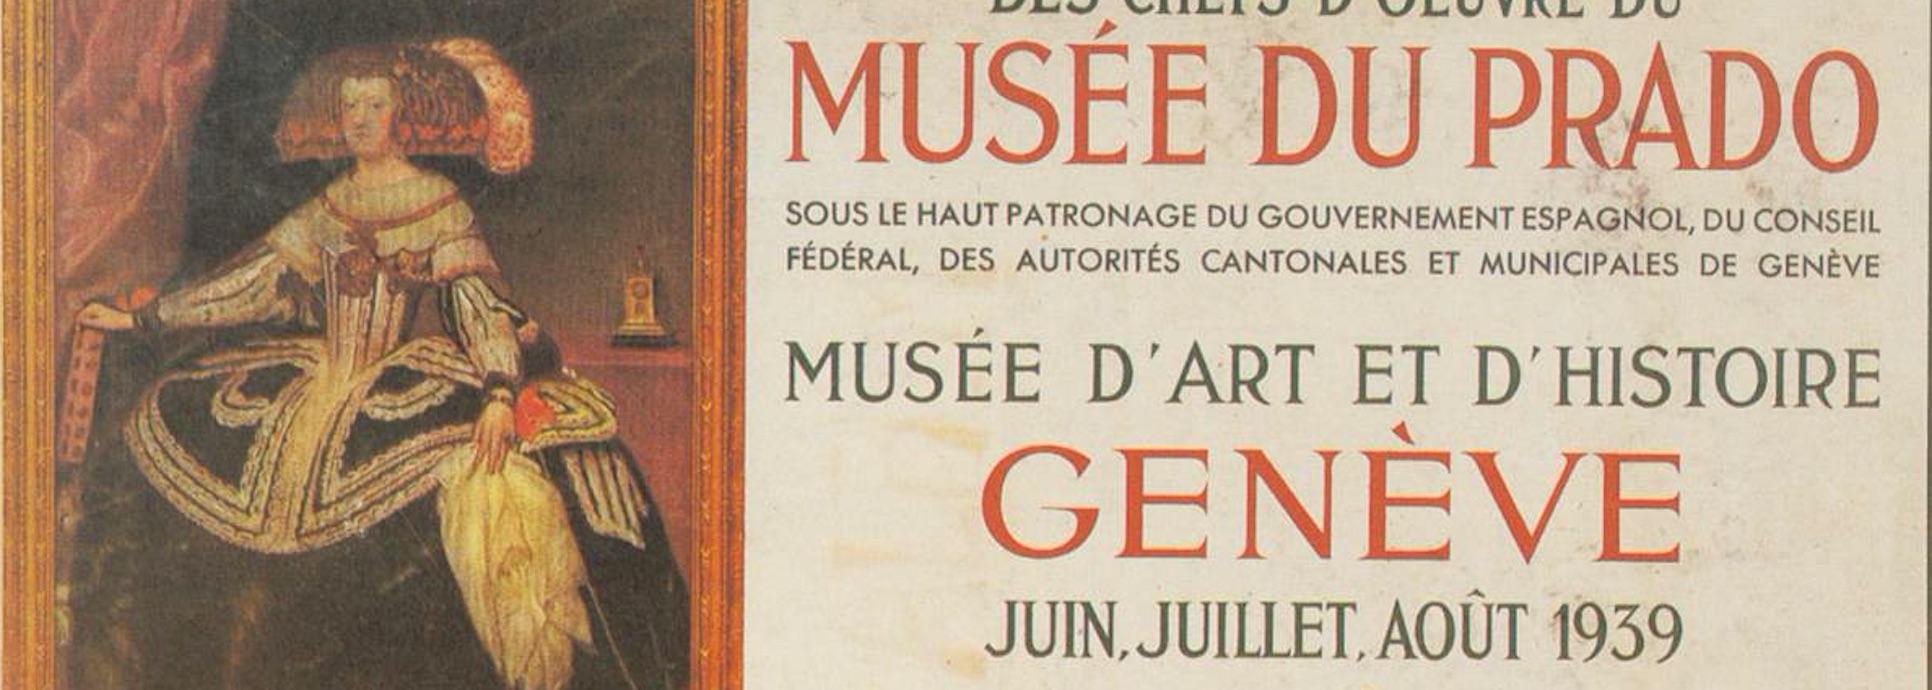 Les Chefs-d'œuvre du Prado à Genève : une exposition refoulée?